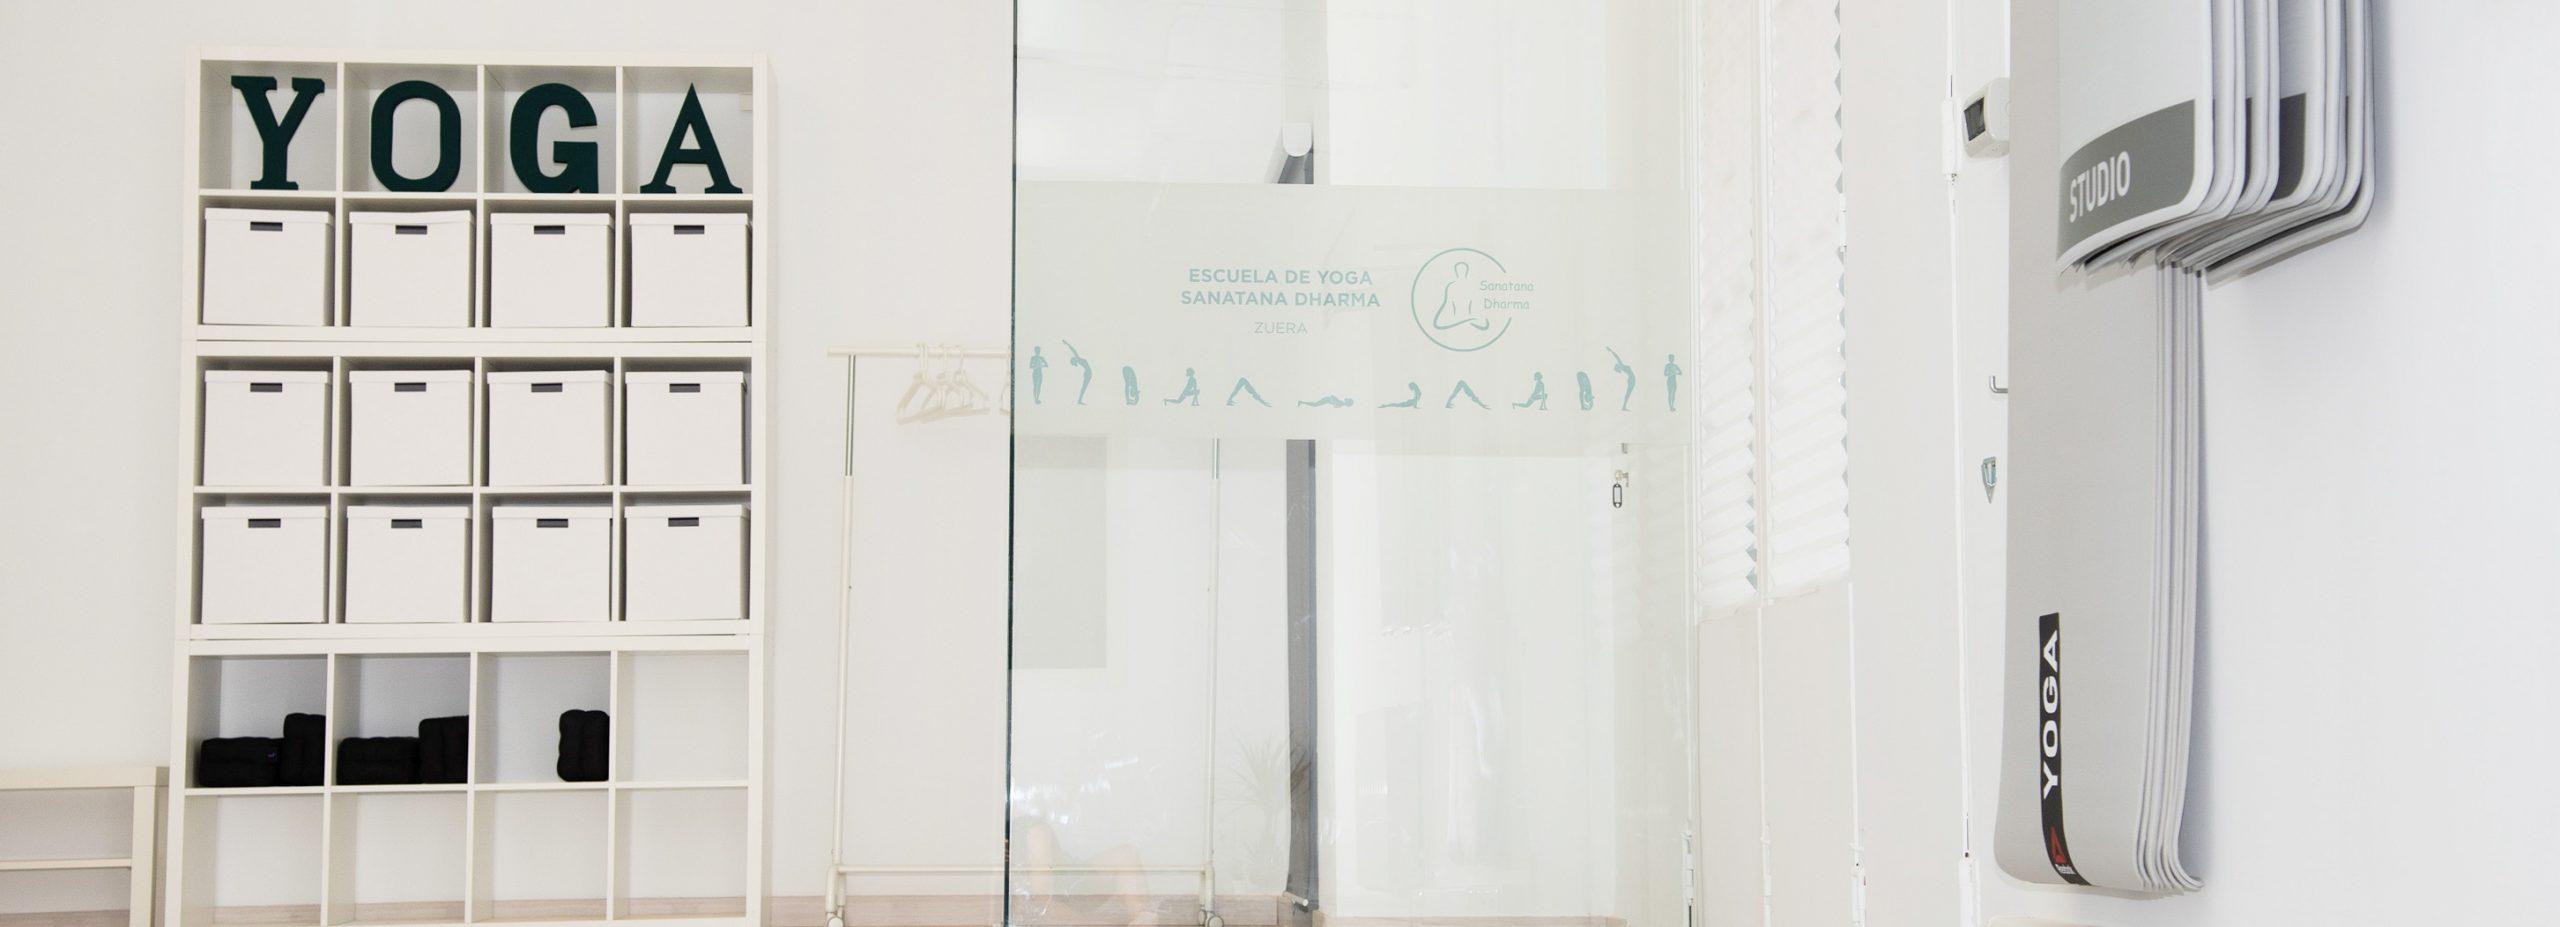 Centro para clases de Janaki Yoga